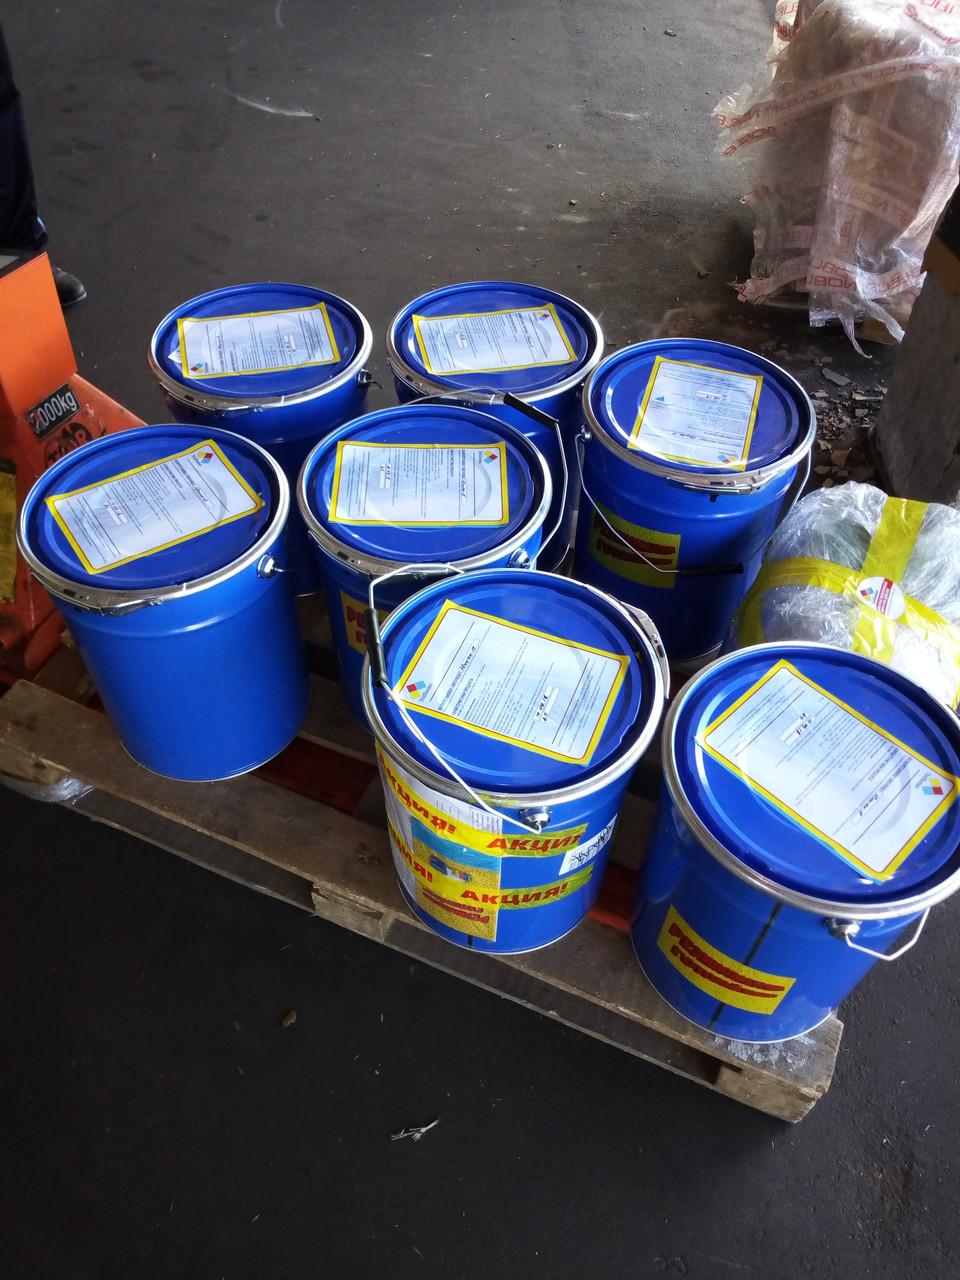 Укладка покрытия из резиновой крошки: клей, другие связующие материалы и их расход на 1 м2, технология монтажа своими руками, цена изготовления и оборудование